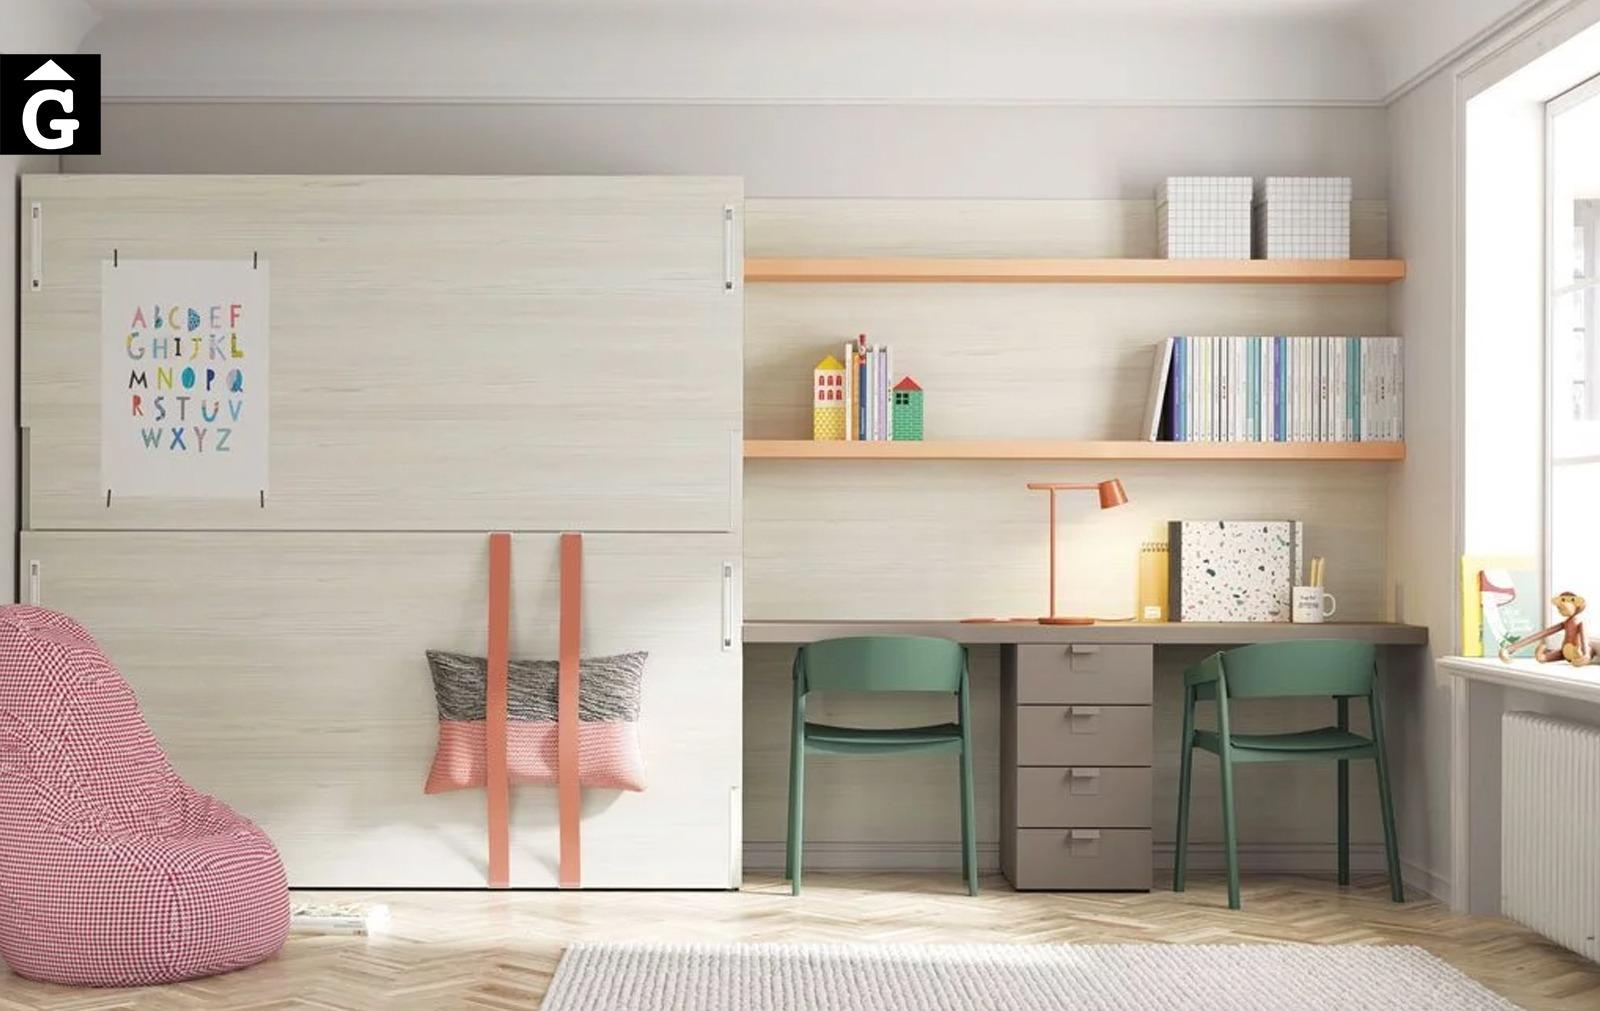 Habitació i estudi Up & Down | llits abatibles | Pràctics, saludables i segurs | Jotajotape | mobles Gifreu